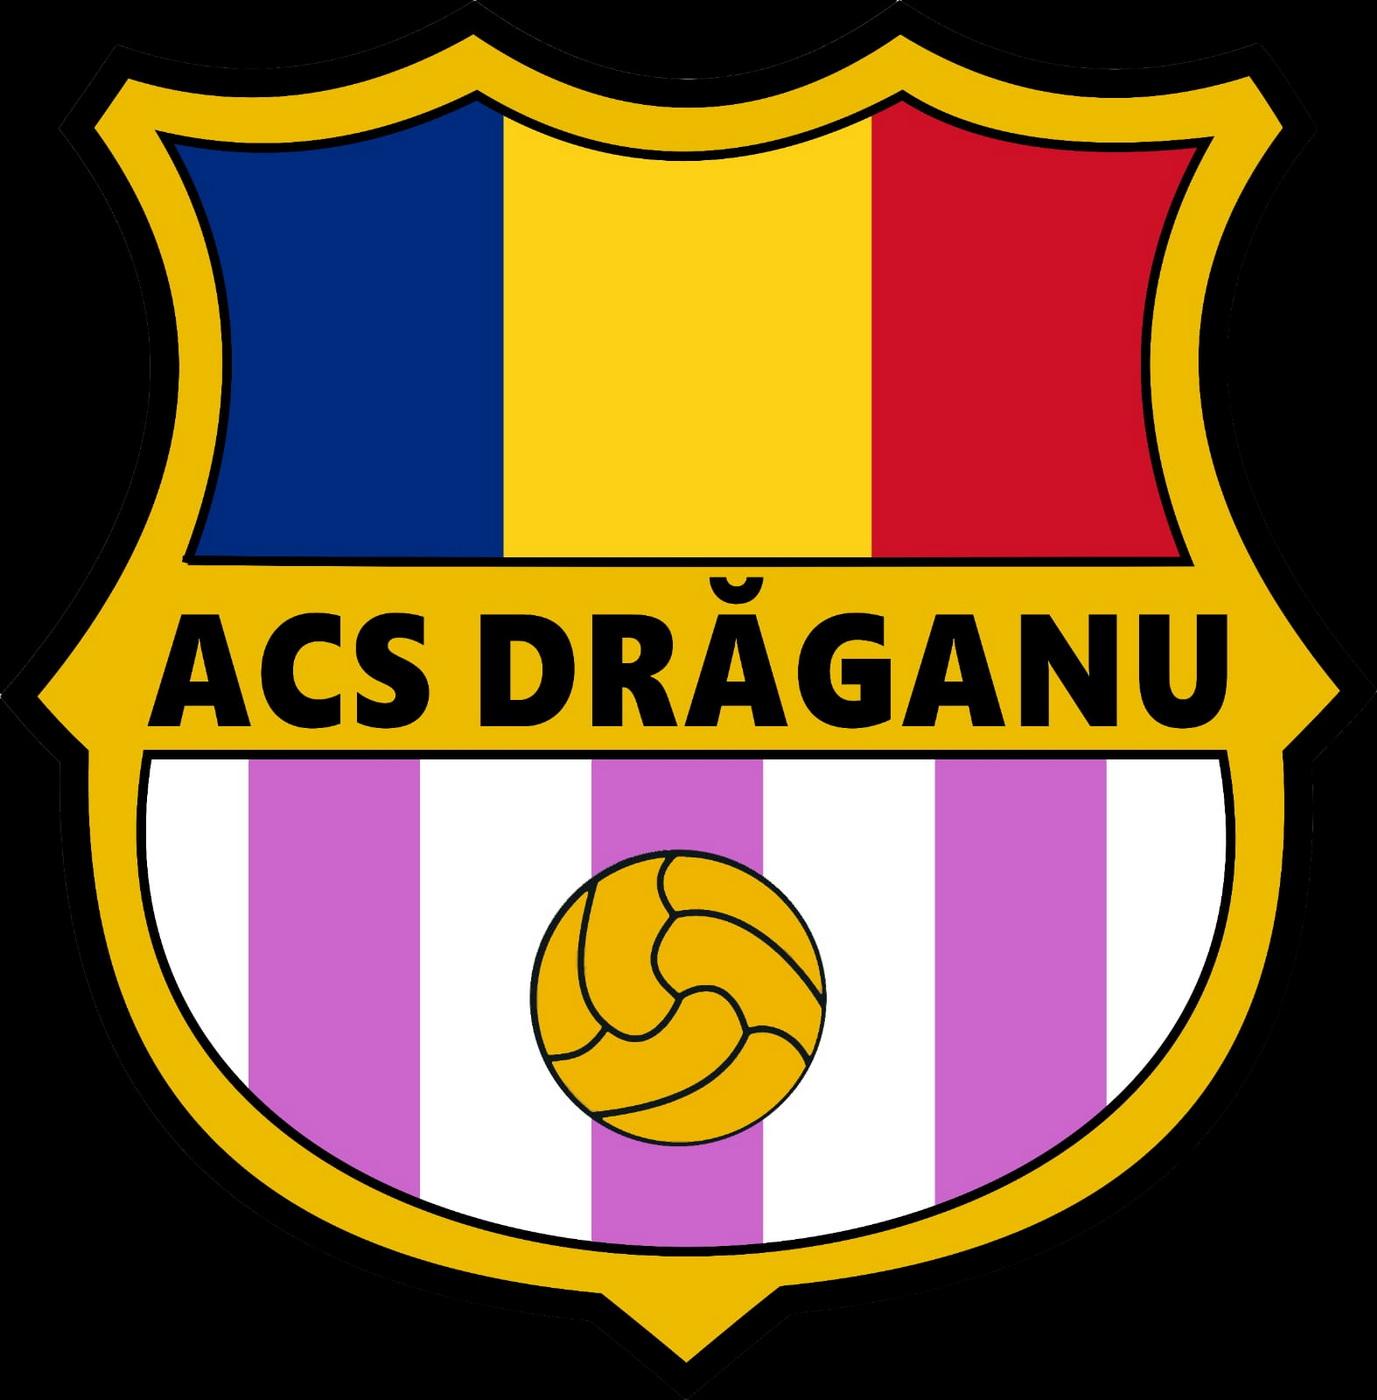 A S Draganu